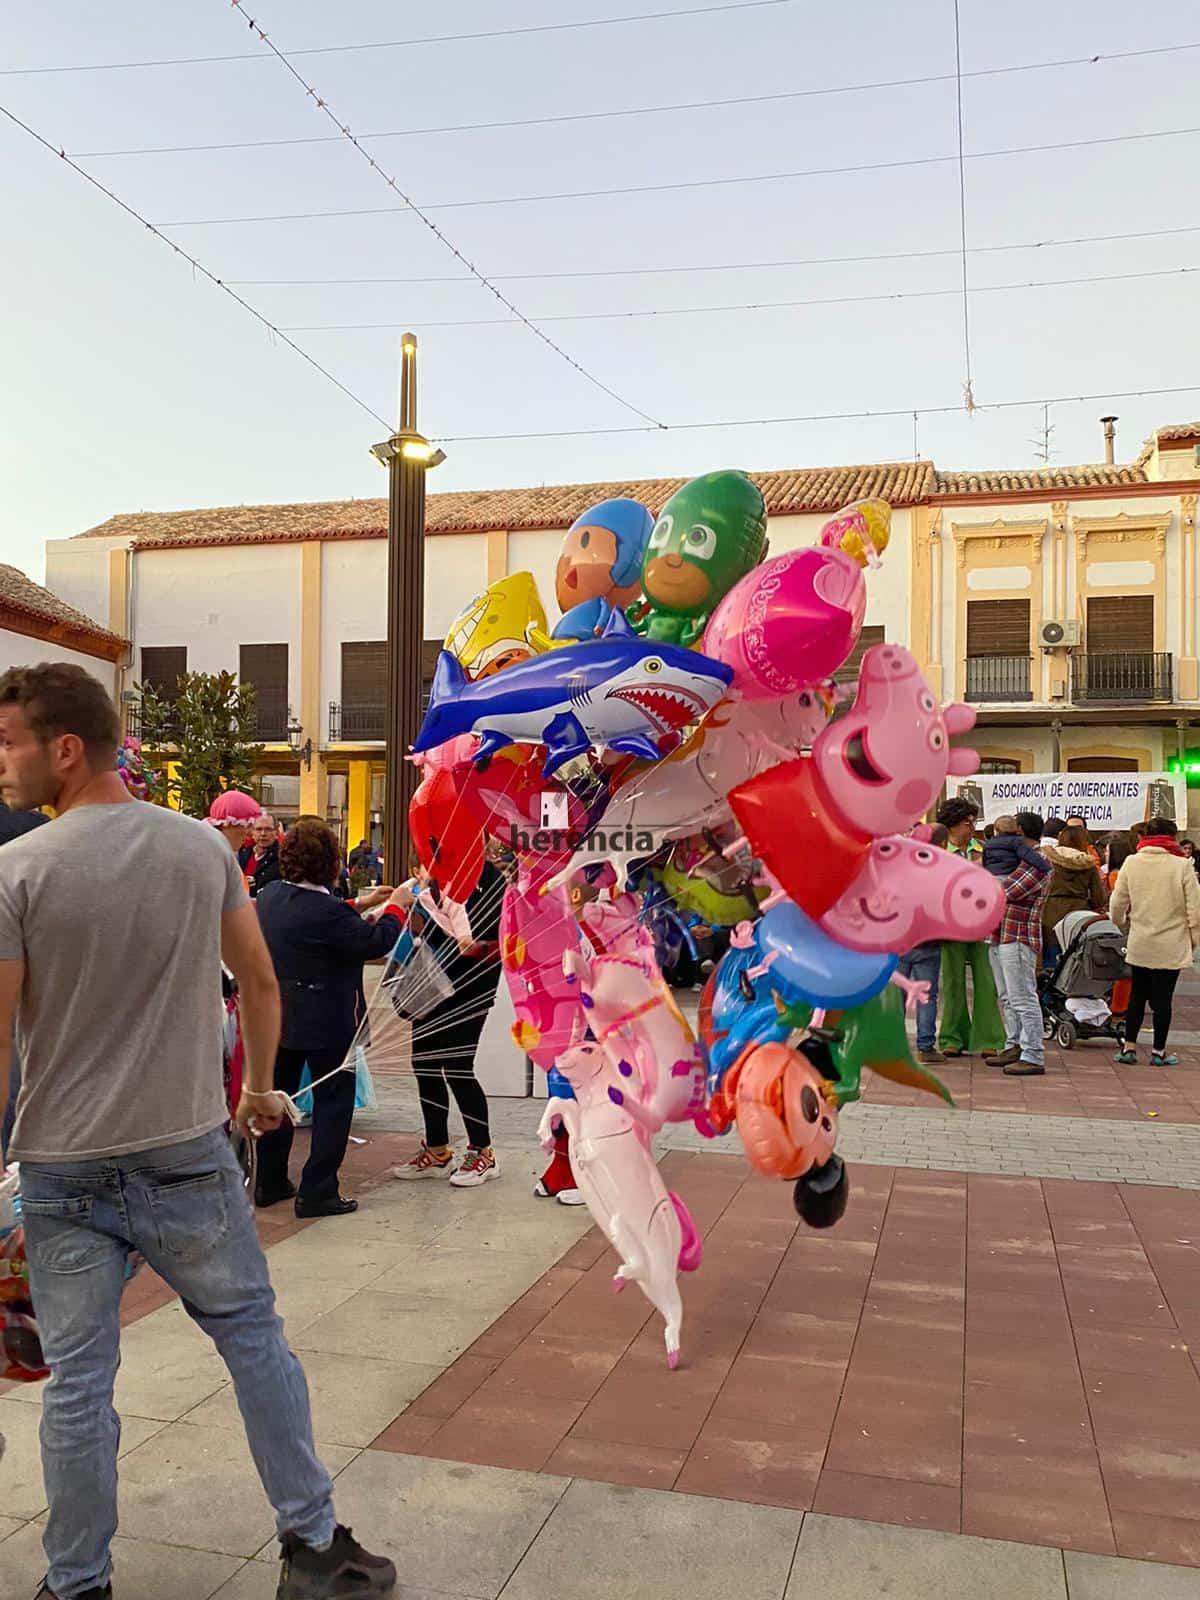 Carnaval herencia 2020 pasacalles domingo deseosas 49 - El Domingo de las Deseosas invita a todo el mundo al Carnaval de Herencia